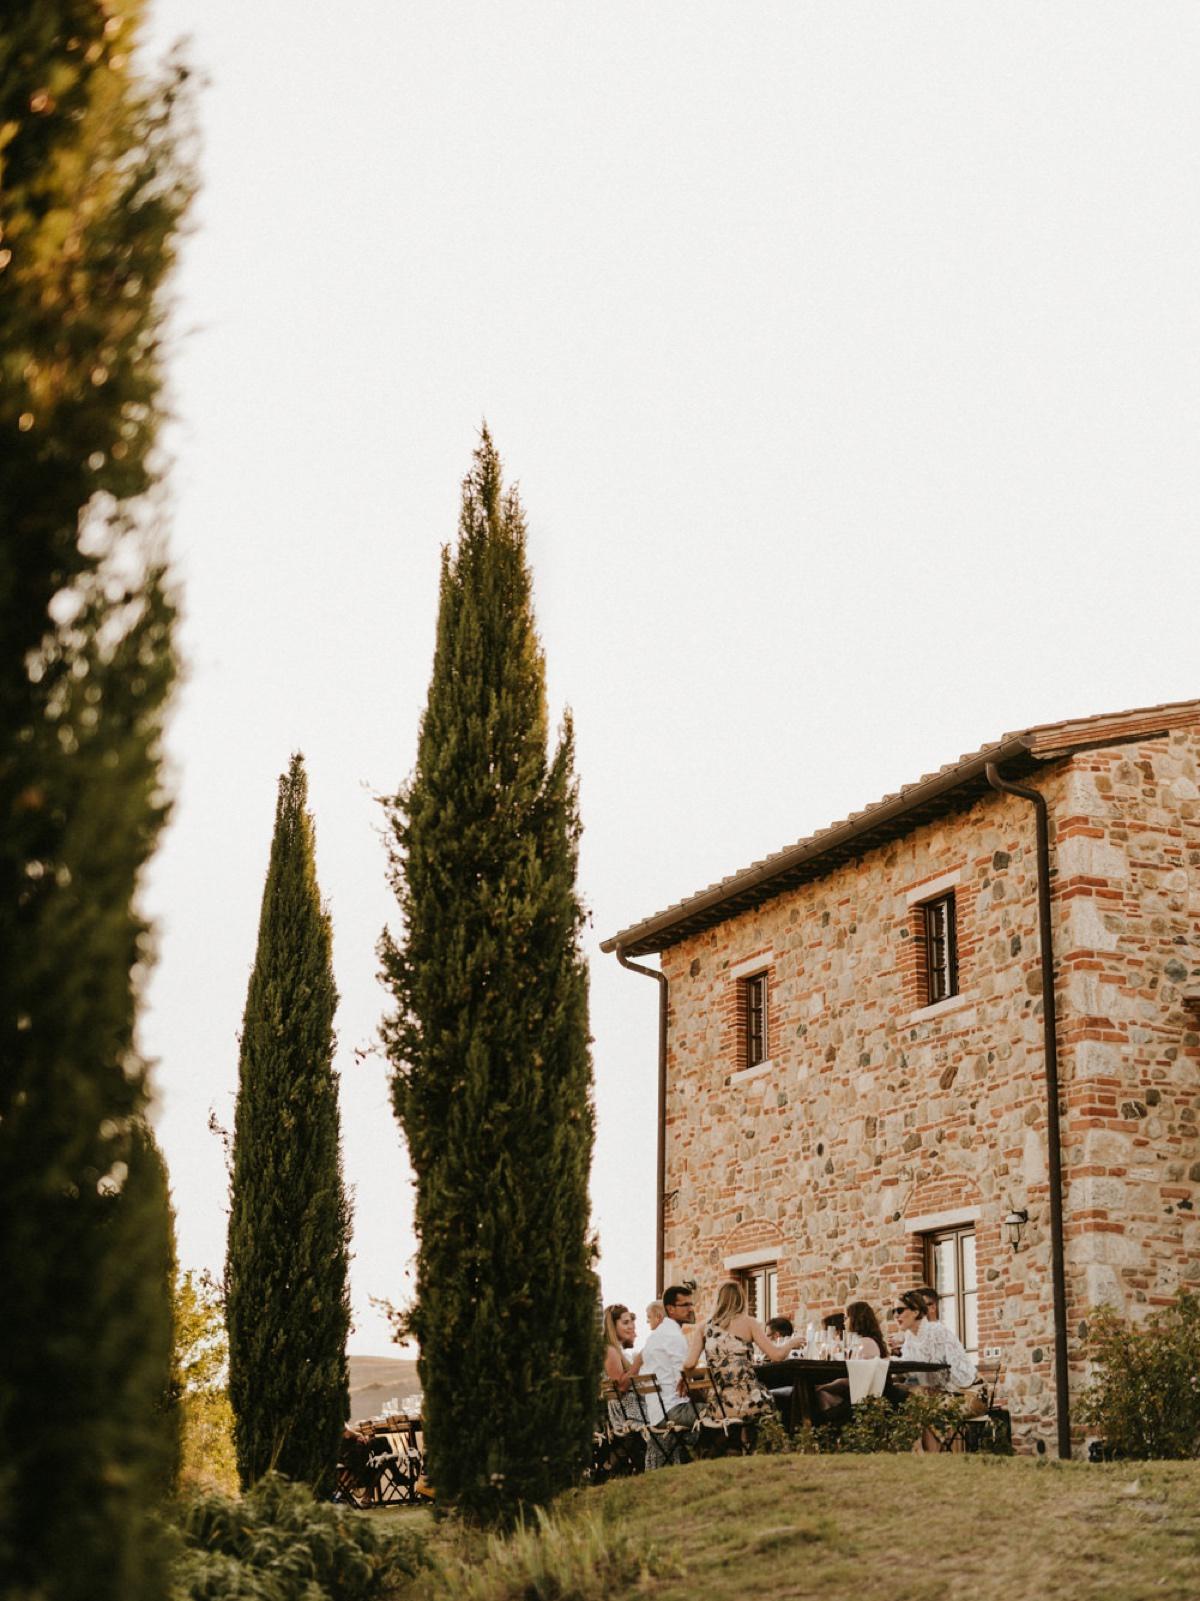 Ślub w Toskanii za granicą we Włoszech polaków jak zorganizować